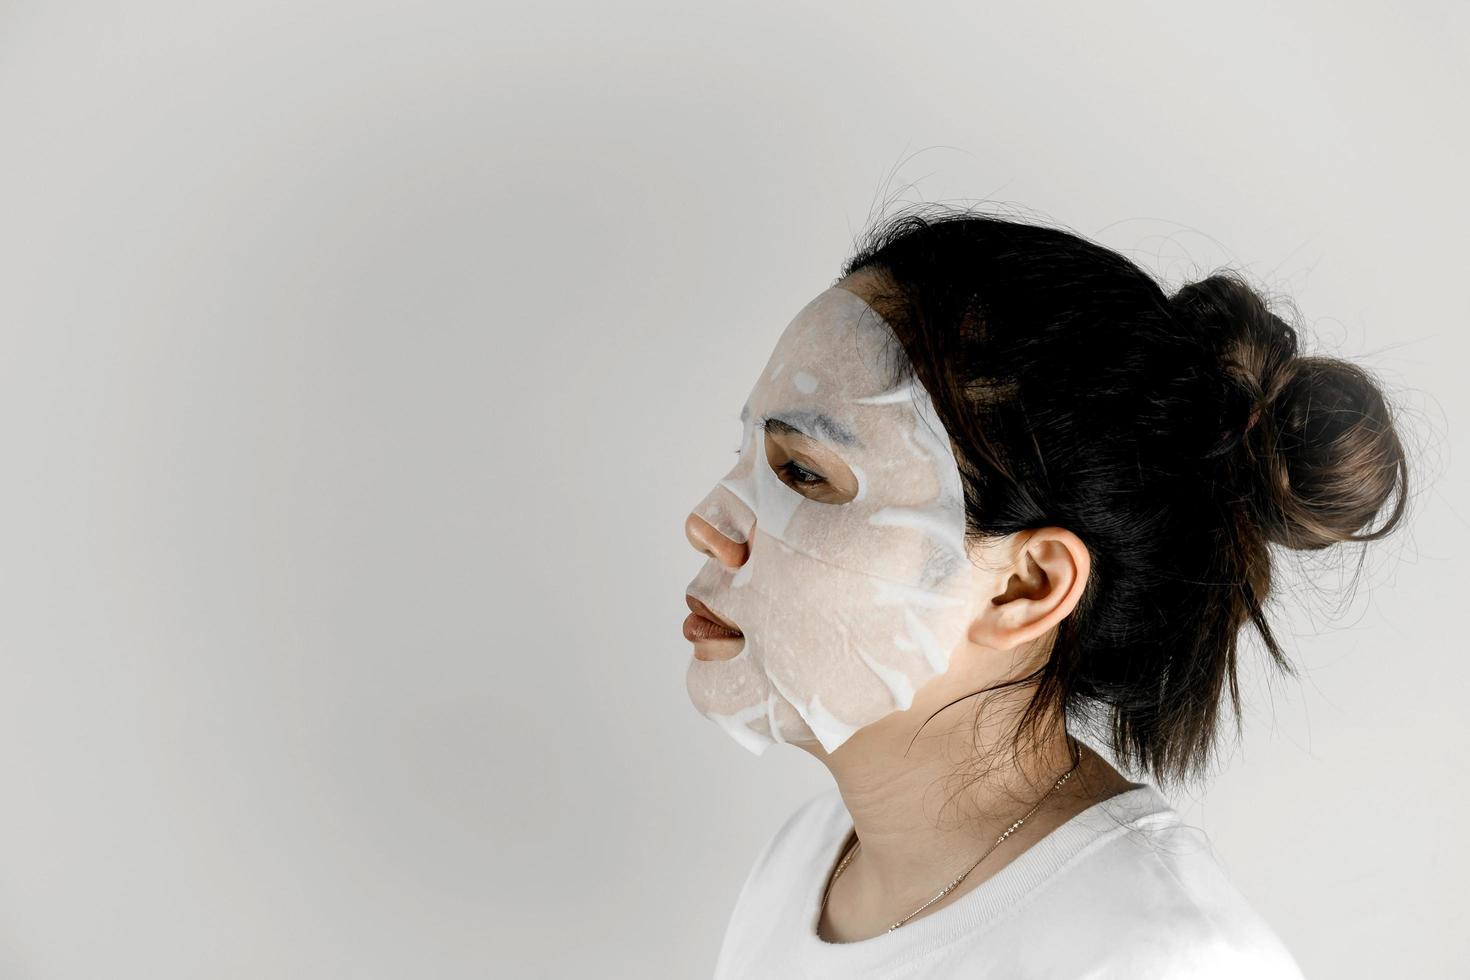 asiatisk kvinna i vit t-shirt och täcker ansiktet med en mask. foto